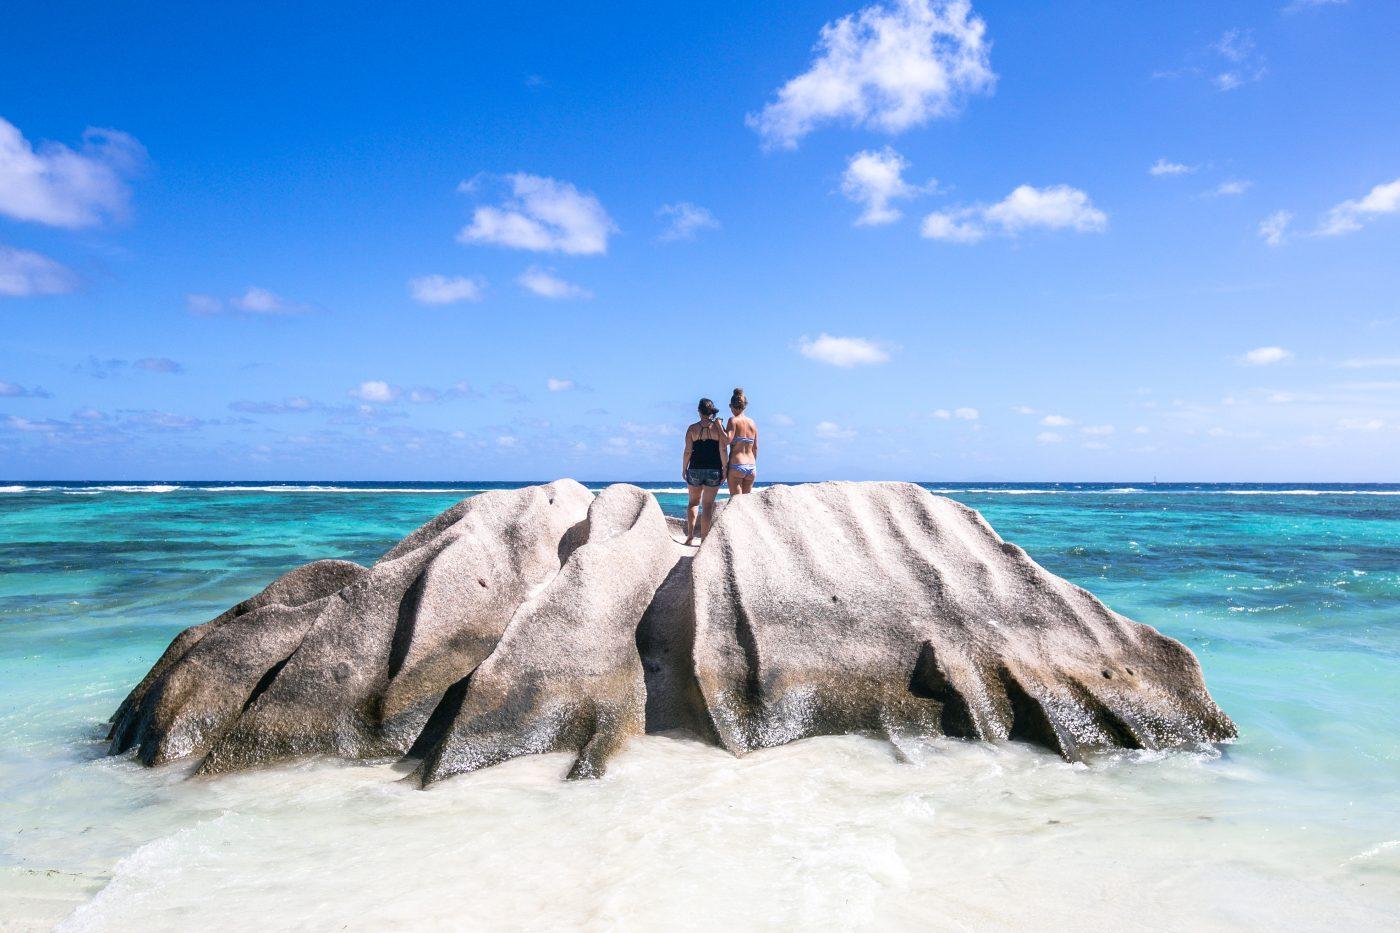 ein jahr seychellen, urlaub seychellen